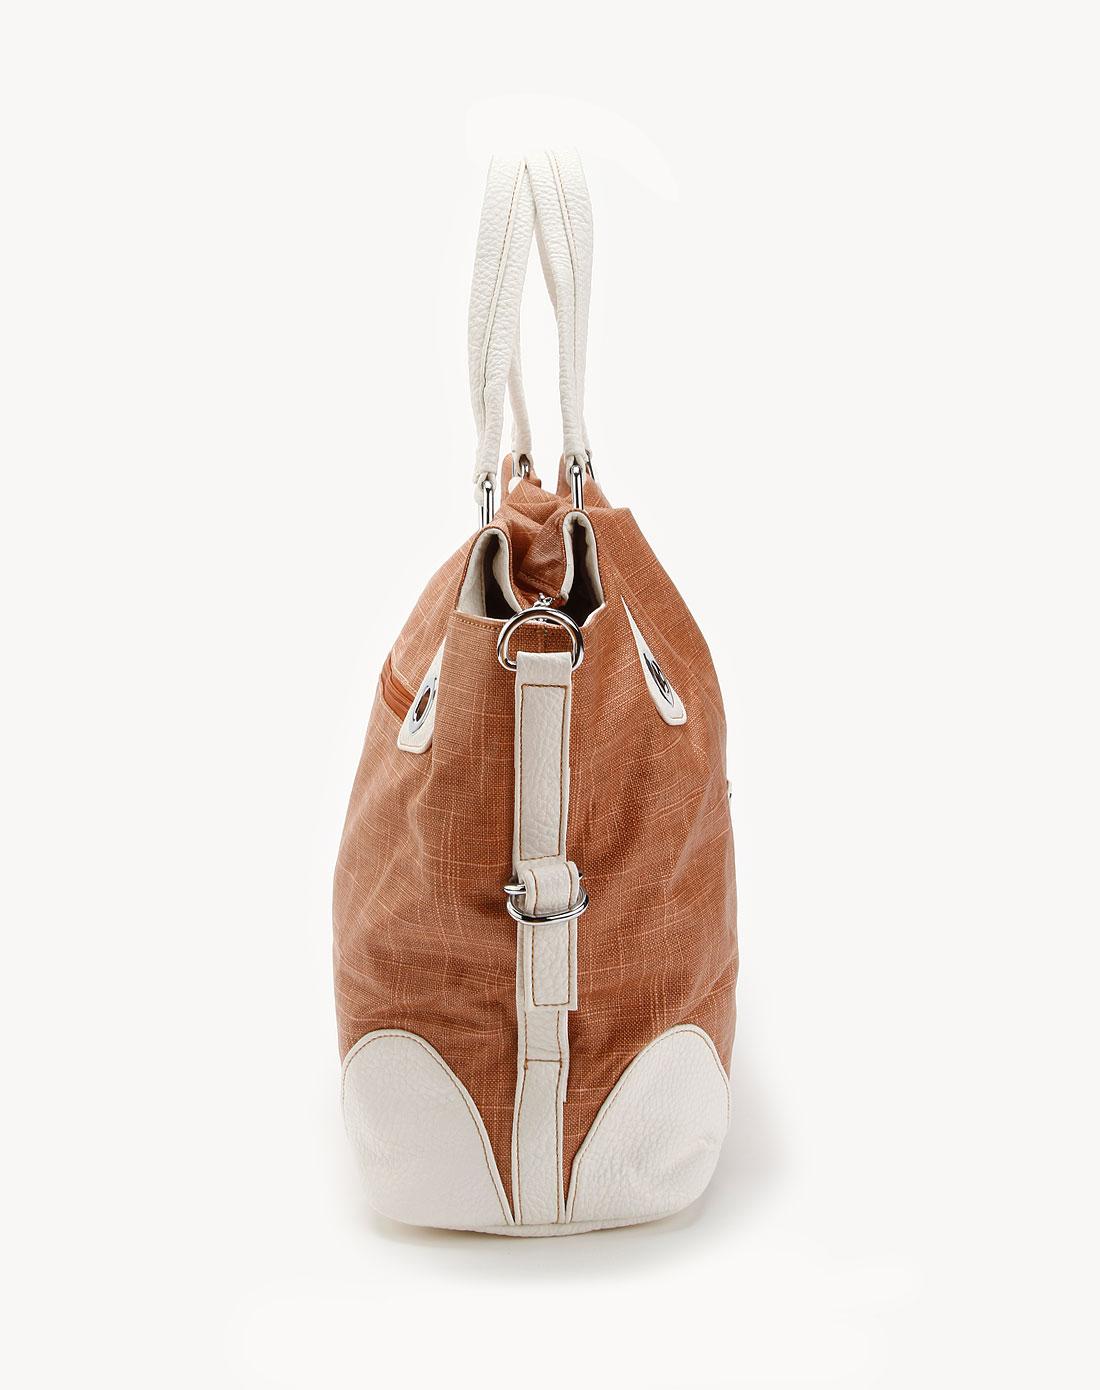 橙红/白色合成皮时尚包包